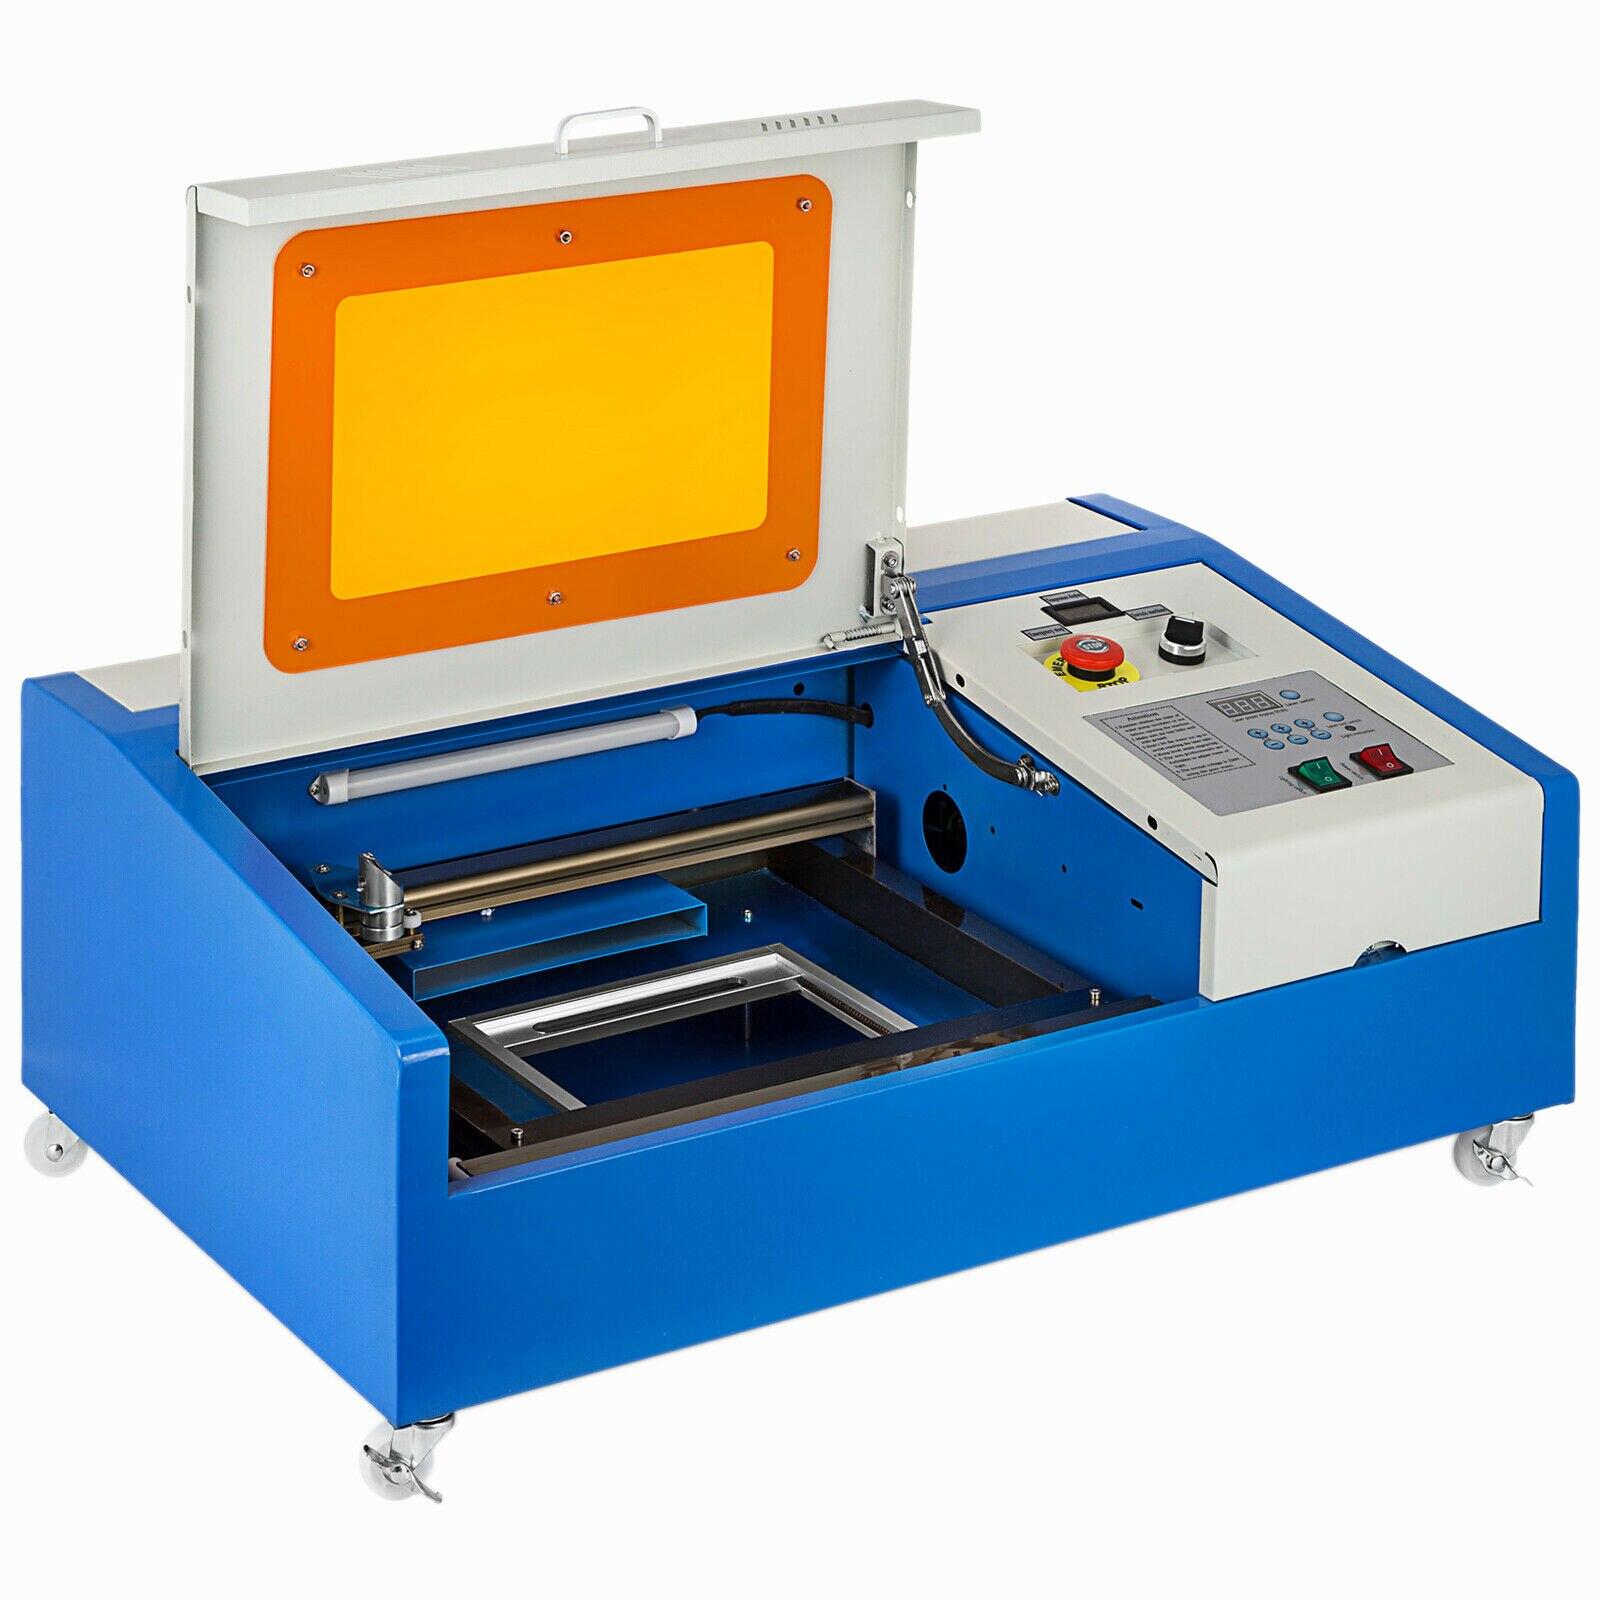 40w 300*200mm arbeits bereich co2 laser gravur maschine hersteller